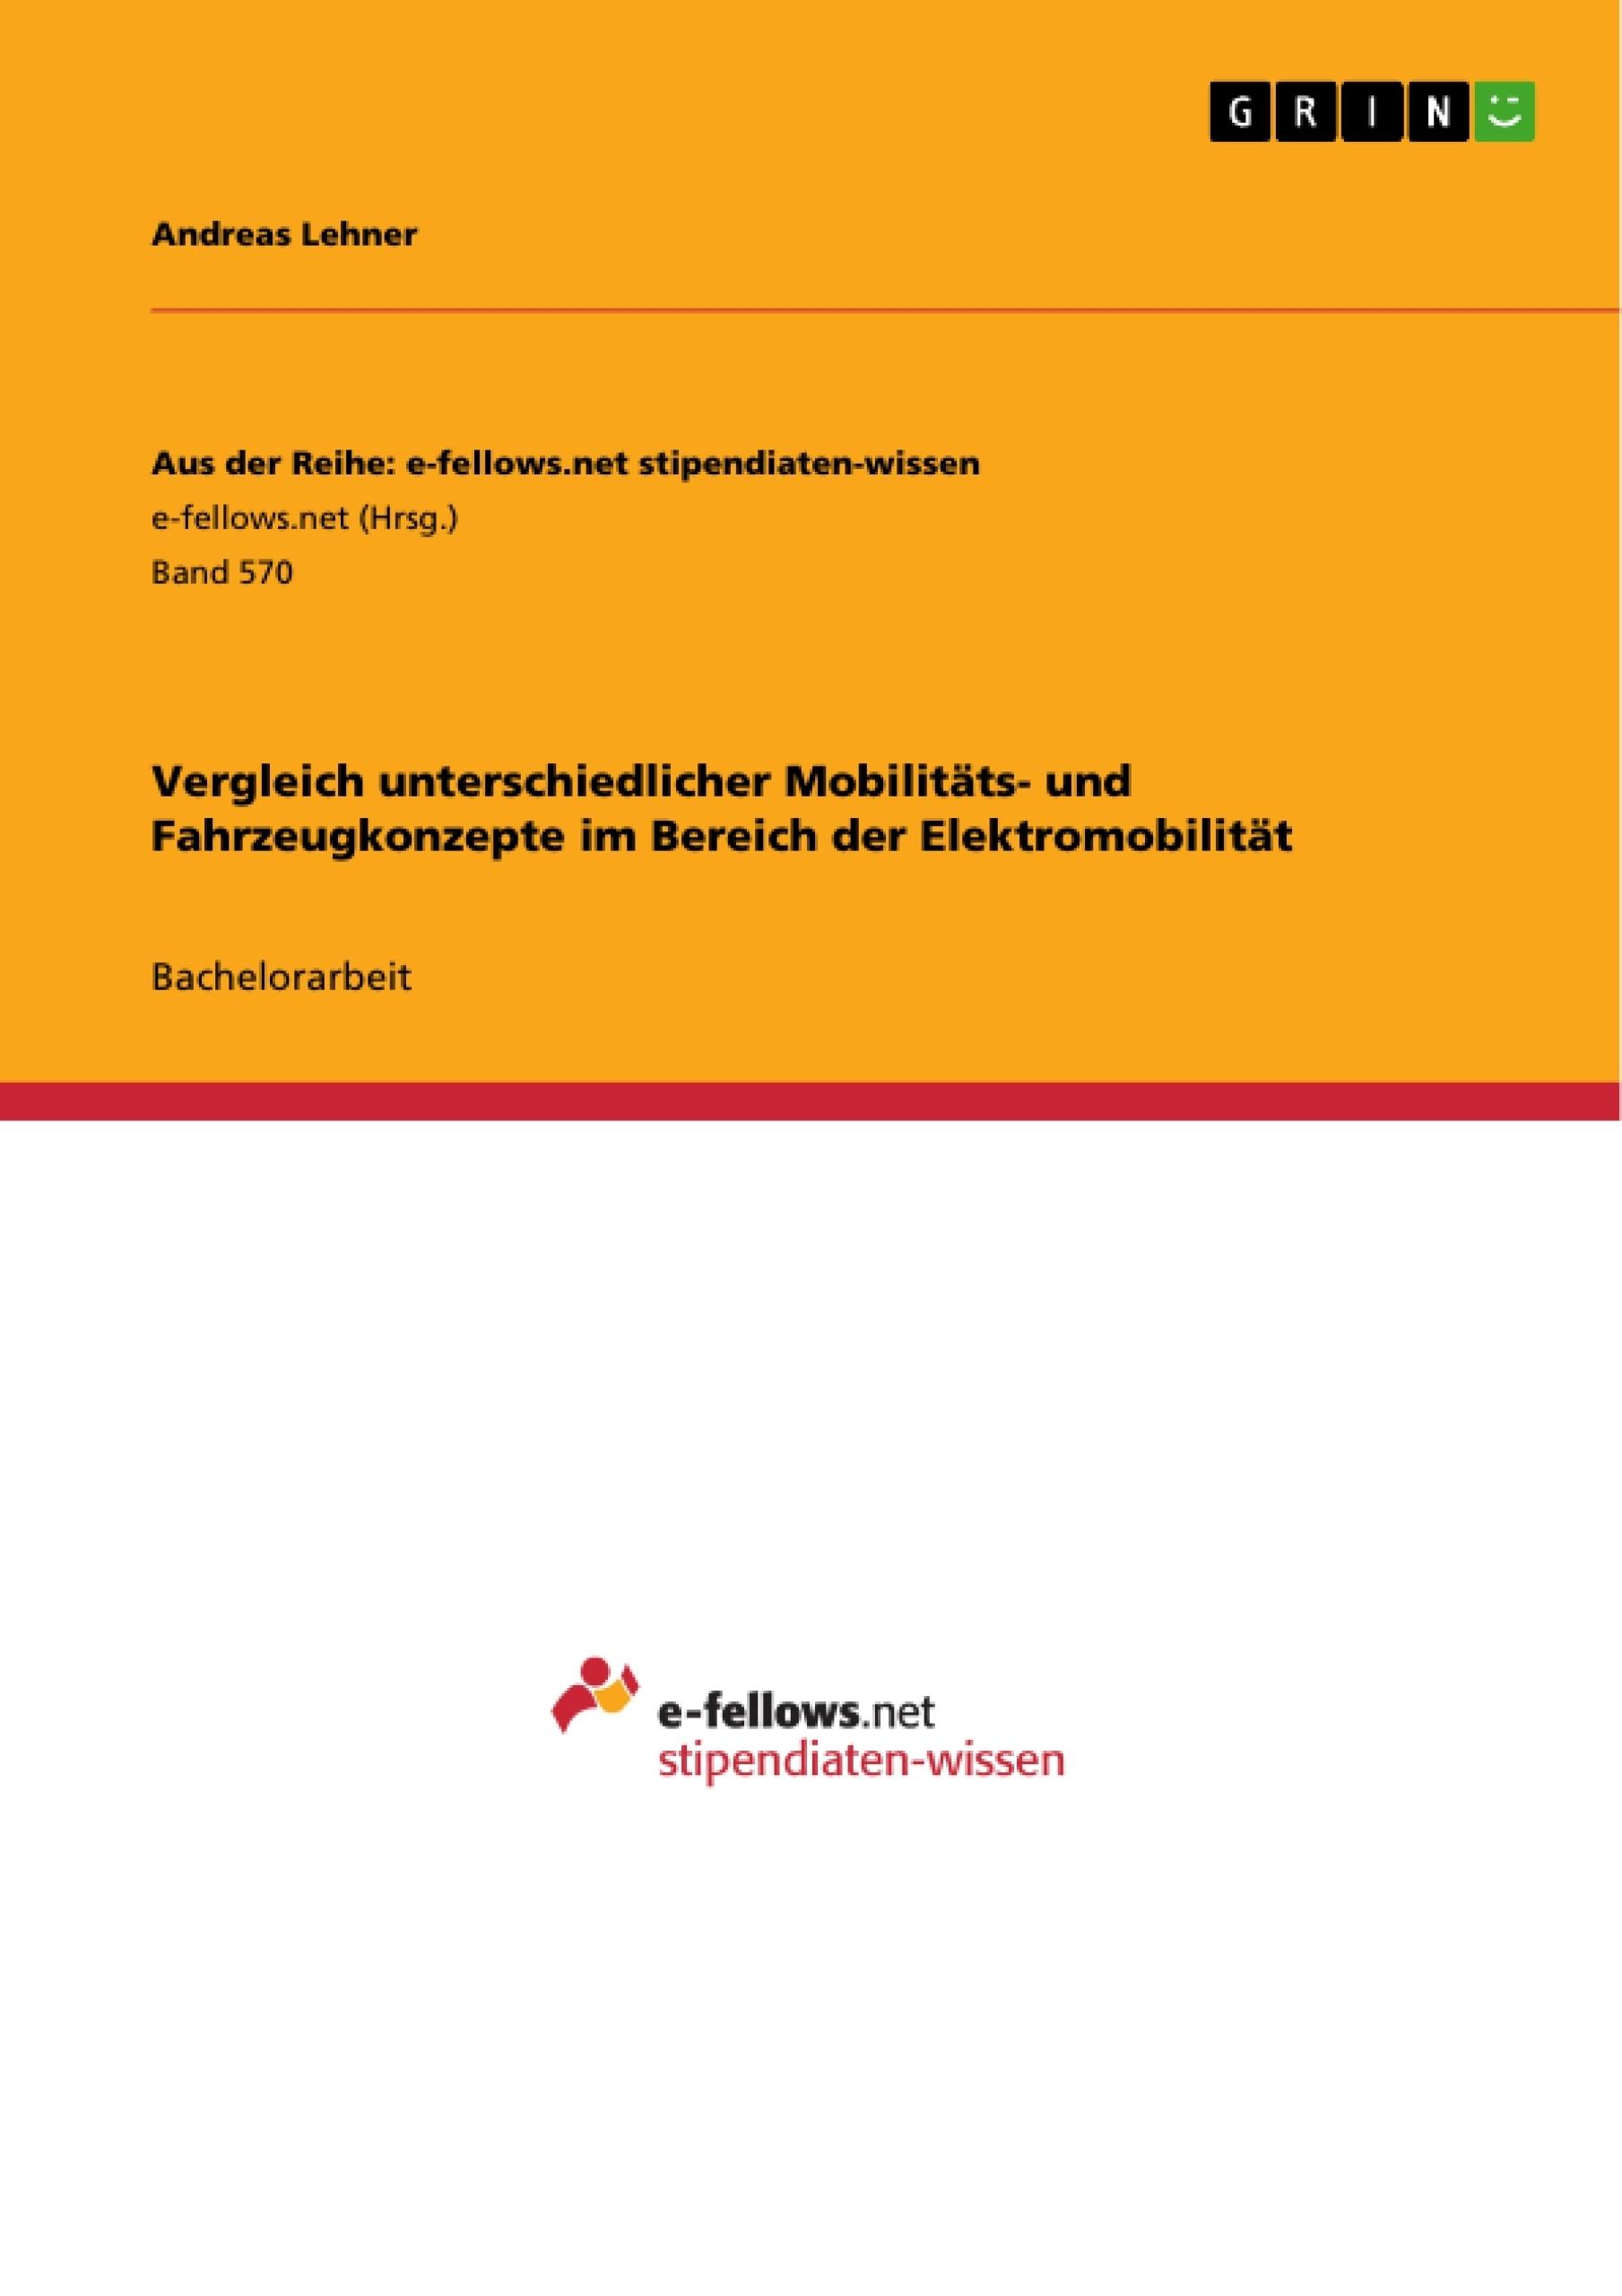 Titel: Vergleich unterschiedlicher  Mobilitäts- und Fahrzeugkonzepte im Bereich der Elektromobilität